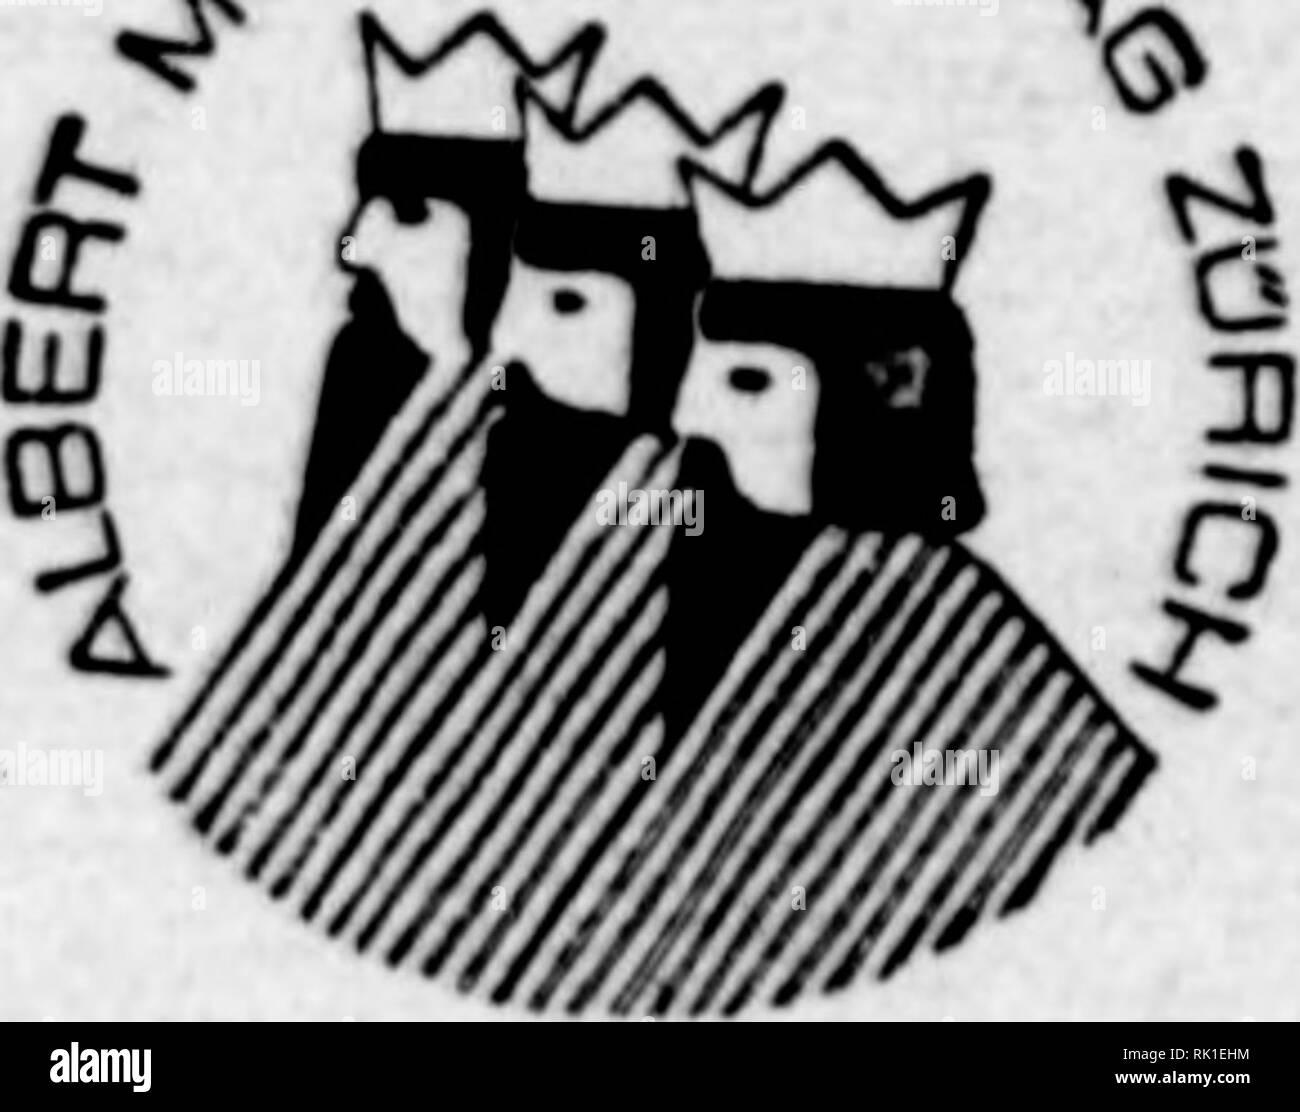 . Arthur y Fritz Kahn Colección 1889-1932. Fritz Kahn, 1888-1968; Kahn, Arthur David 1850-1928; Historia Natural ilustradores; historia natural. EXTRAIT DUNE LETTRE DE L'tDITEUR . . Cptte simple franquicia et naturelle, Kahn Vunit dans son livre au tacto infini et ä cette ethique impregnee de serieux et jamais insistante. Sans ces qualites, pareils livres ne peuvent remplir leur täche, c'est-ä-dire d^apporter, non seulement des eclaircissements, mais surtout la conciencia de hijo savoir. II est remarquable que Von ne el constate nullement cette atmósfera d*une fagon et apparente malgre cela, eile i Foto de stock